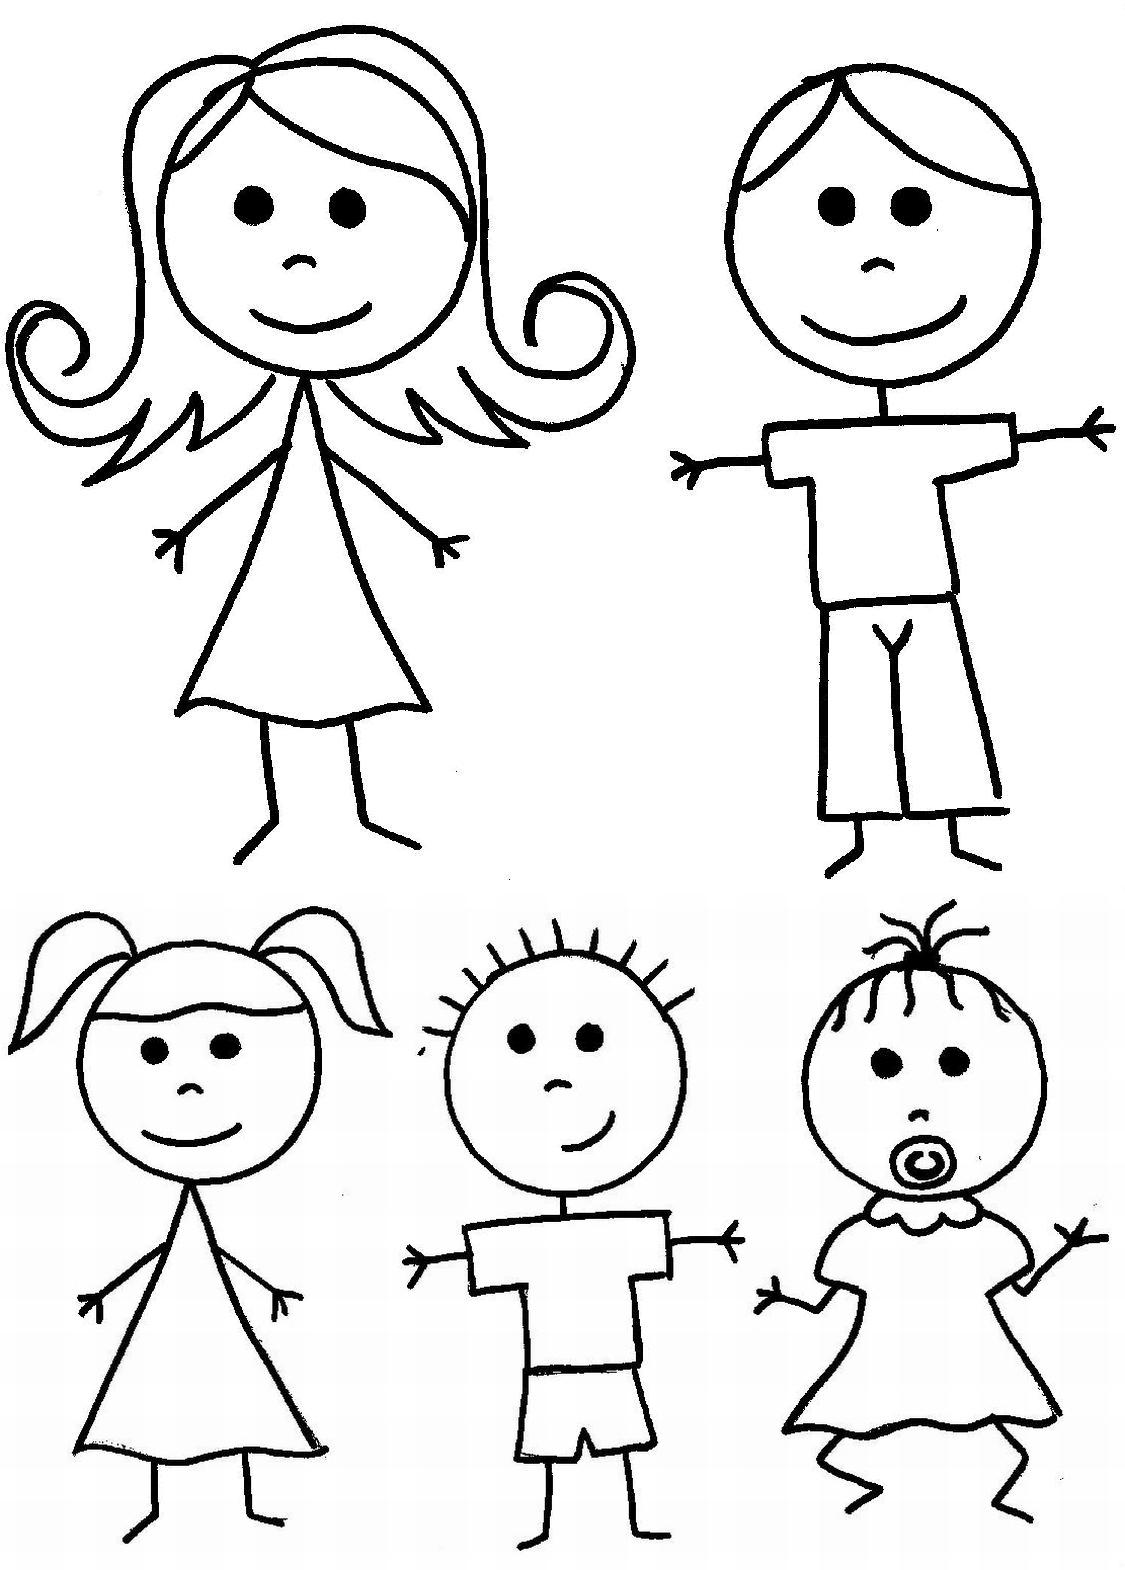 Famille #66 (Personnages) – Coloriages À Imprimer tout Personnage A Colorier